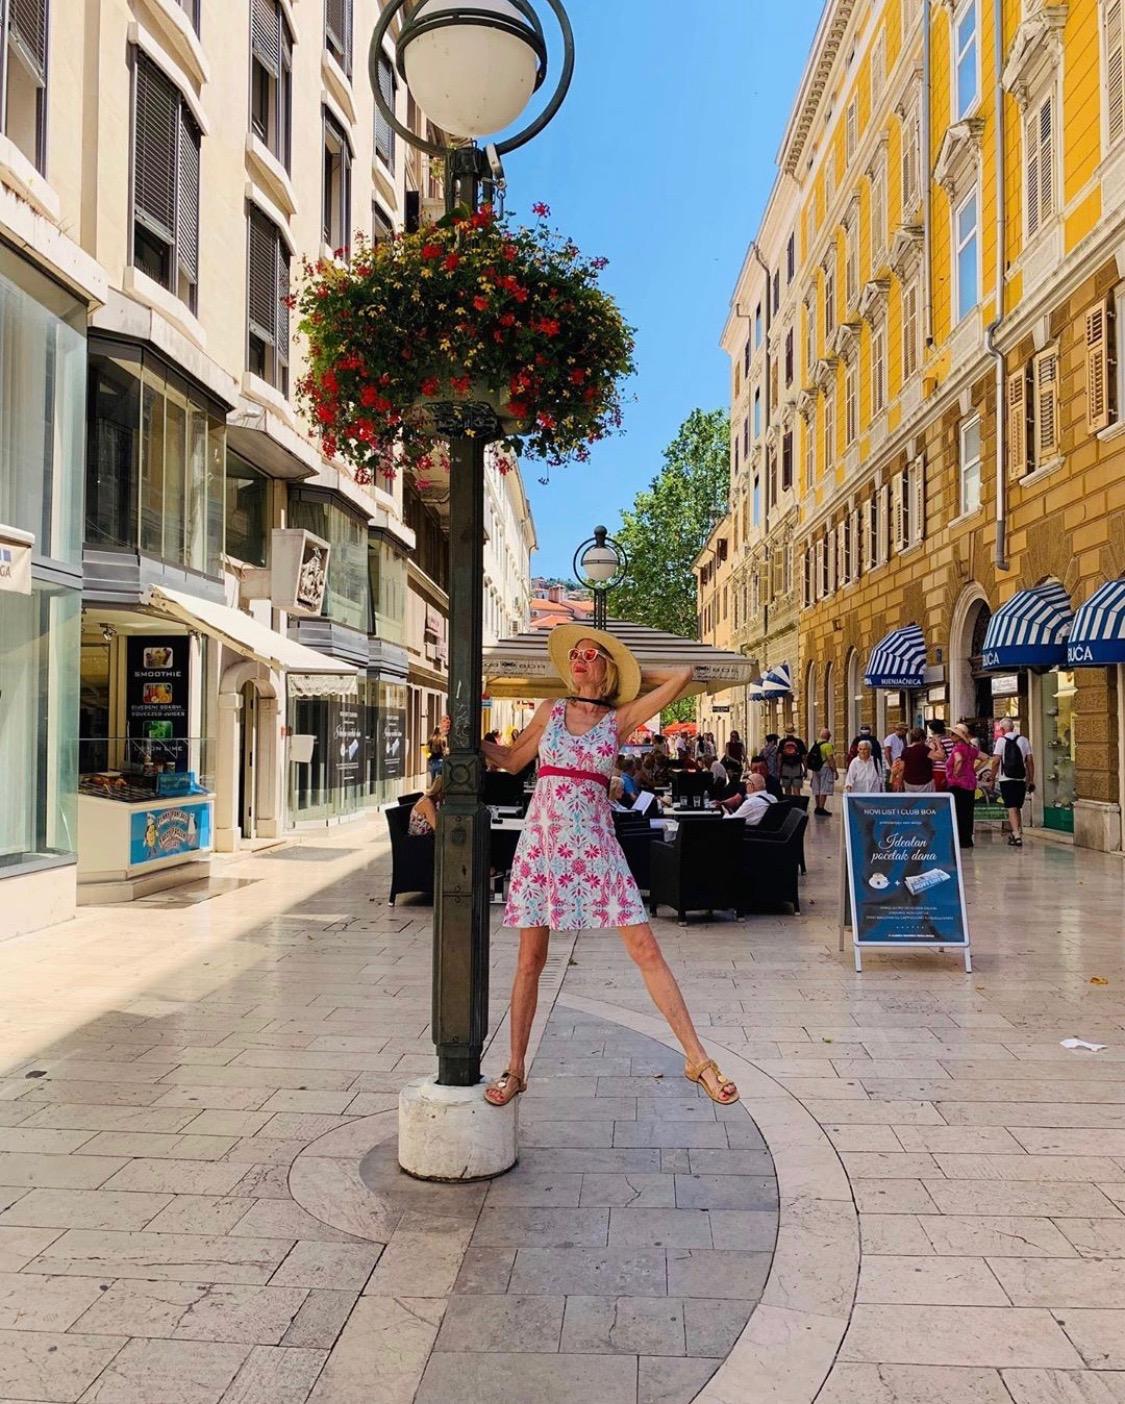 Shopping in Korzo, Rijeka.